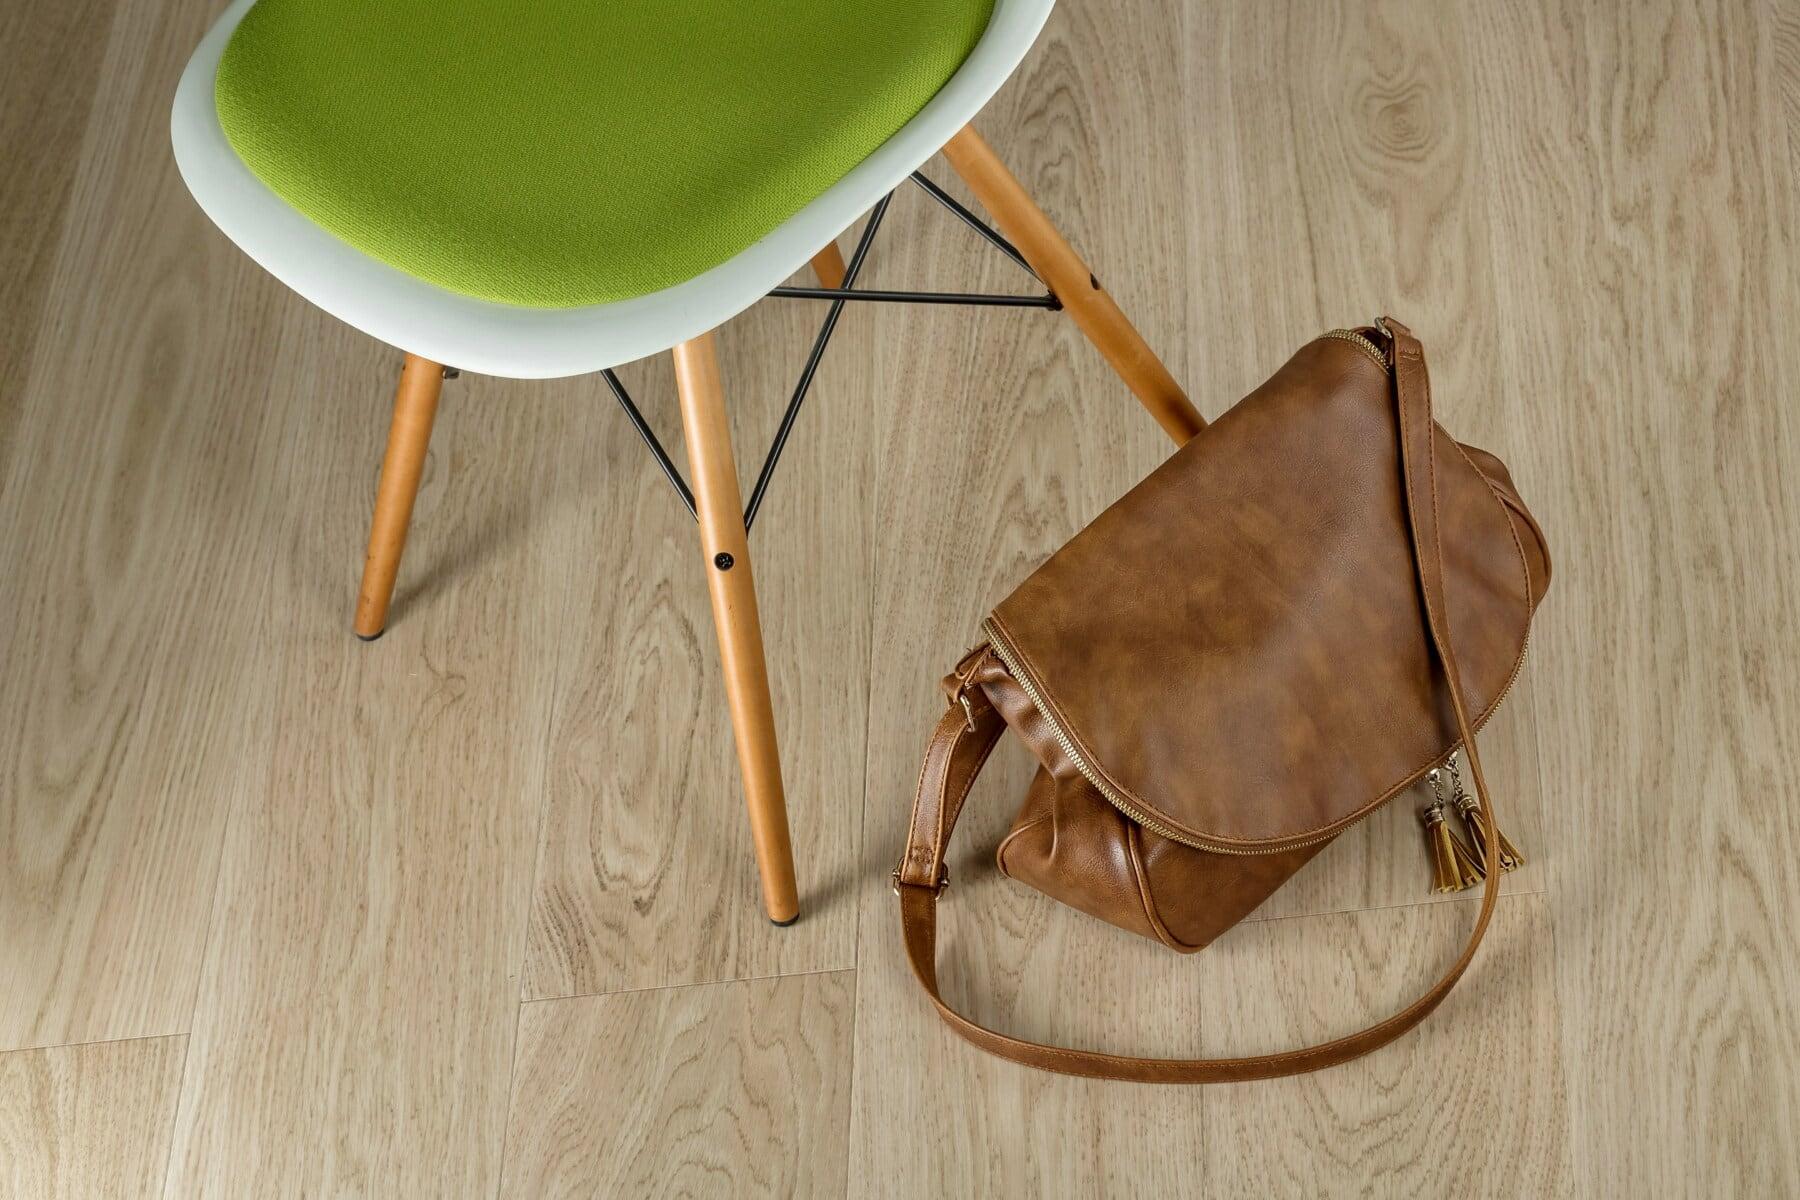 手提包, 浅褐色, 经典, 时尚, 风格, 设计, 椅子, 舒适, 座位, 家具